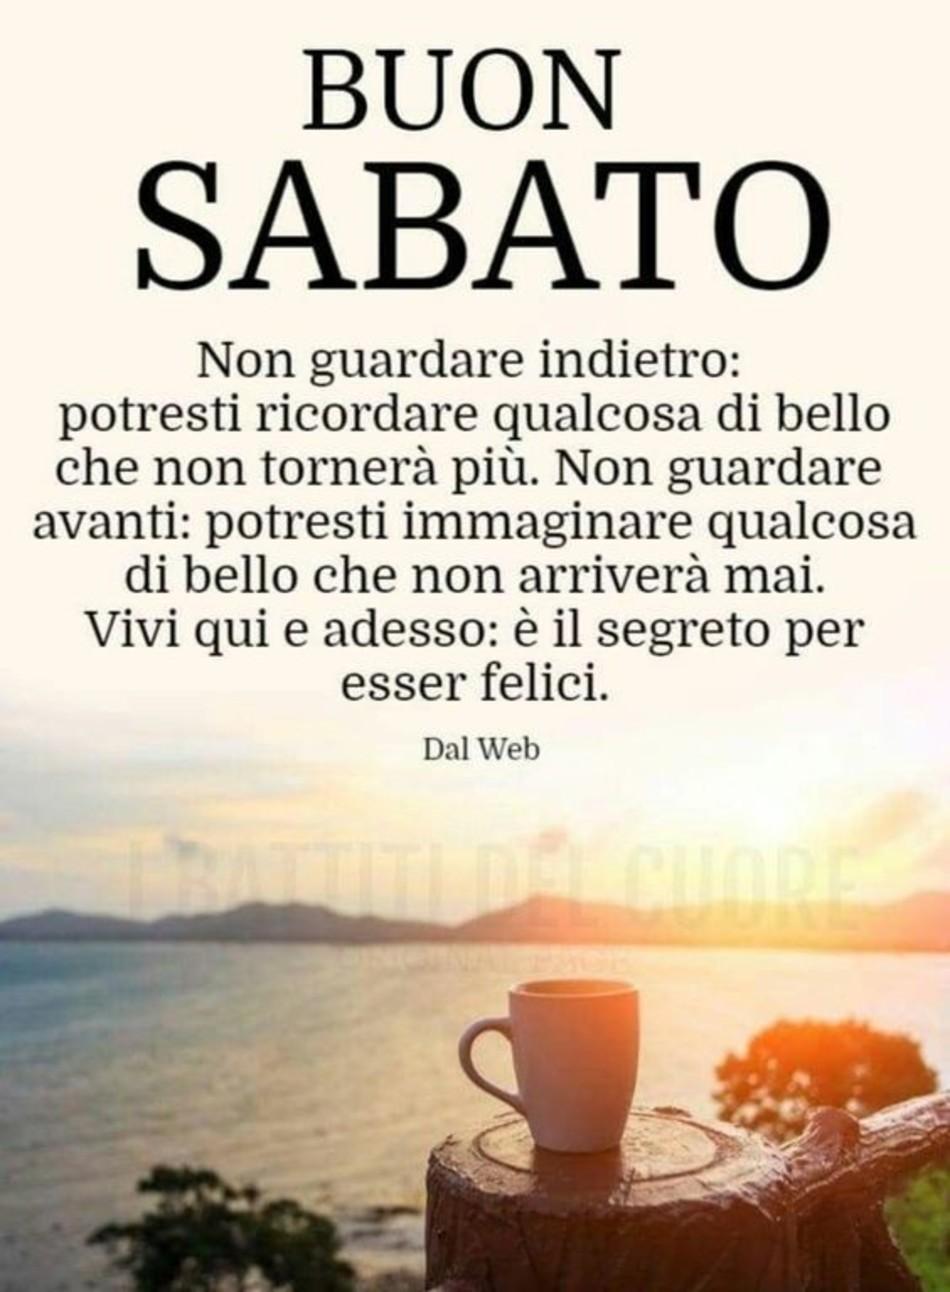 Immagini Buon Sabato Frasi E Pensieri Buongiornocolsorriso It